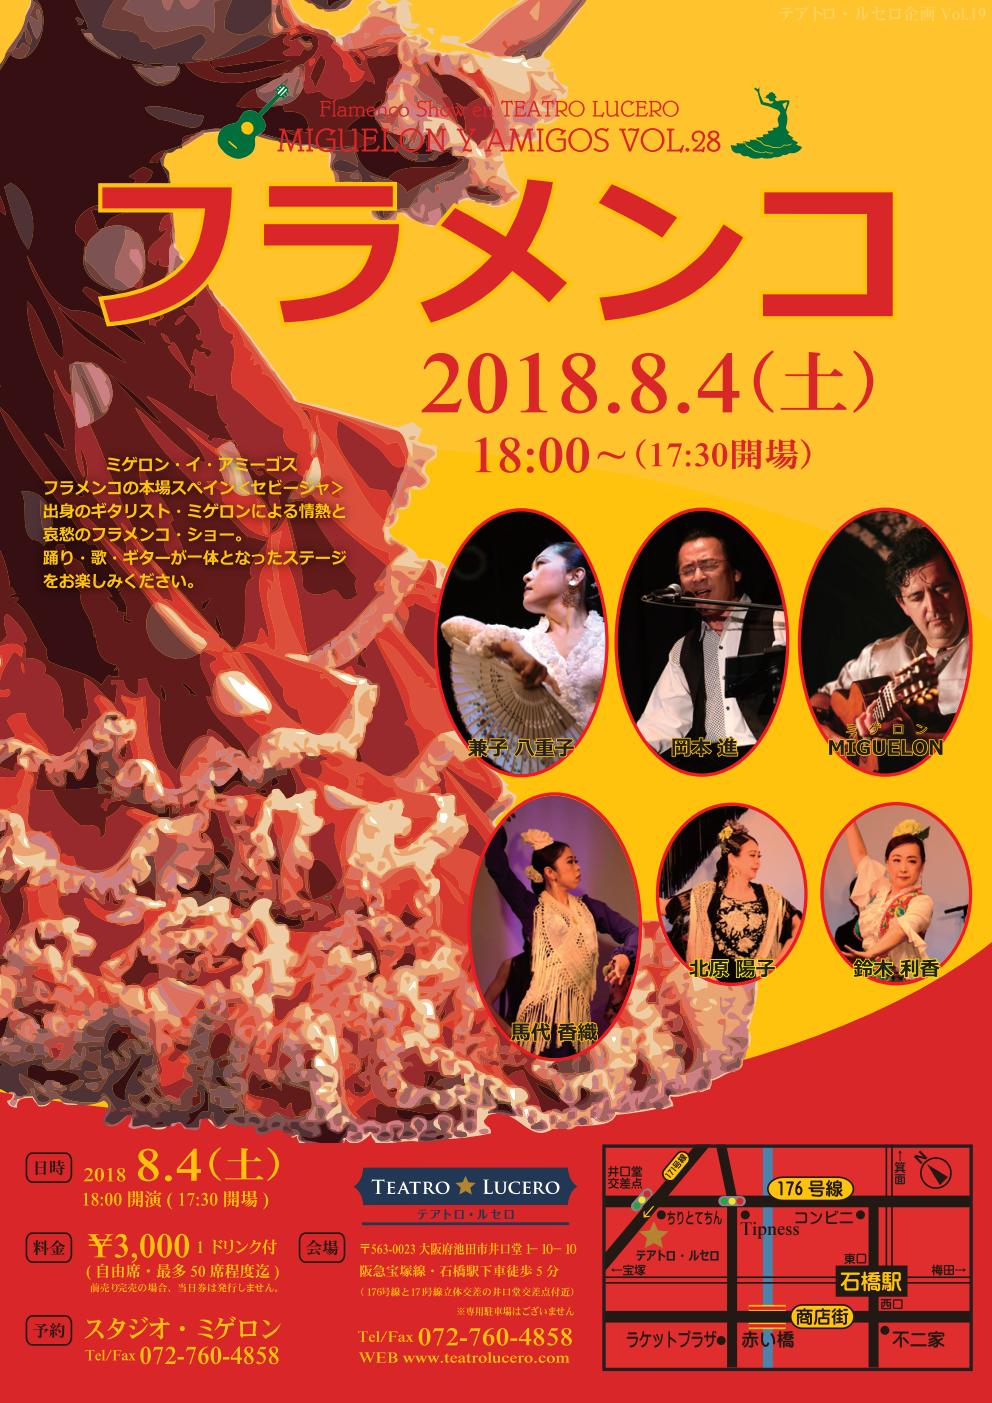 フラメンコ・ショー ミゲロン・イ・アミーゴス vol.28